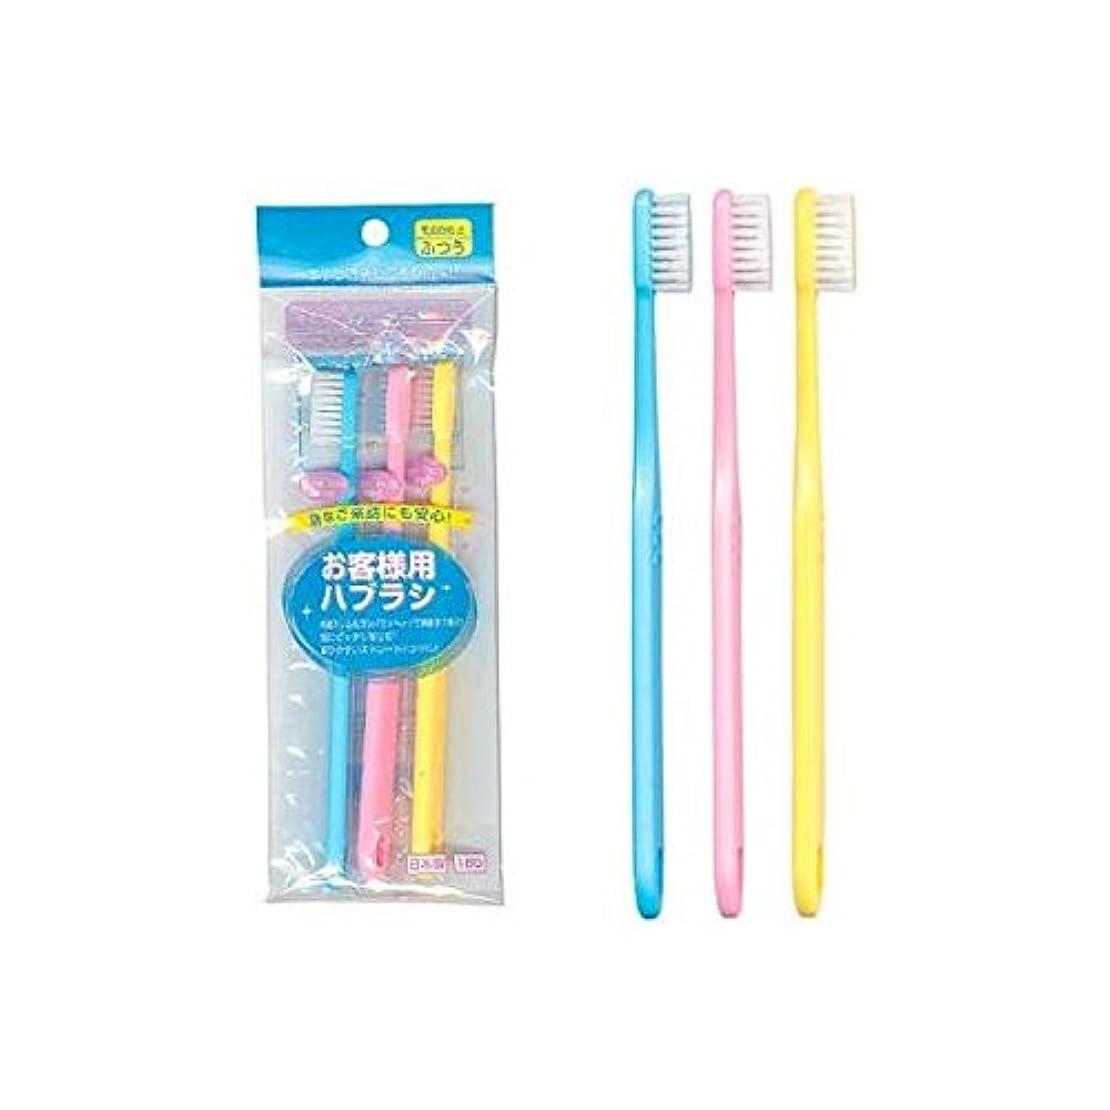 フレア描写見つけるお客様用歯ブラシ(3P) [12個セット] 41-006